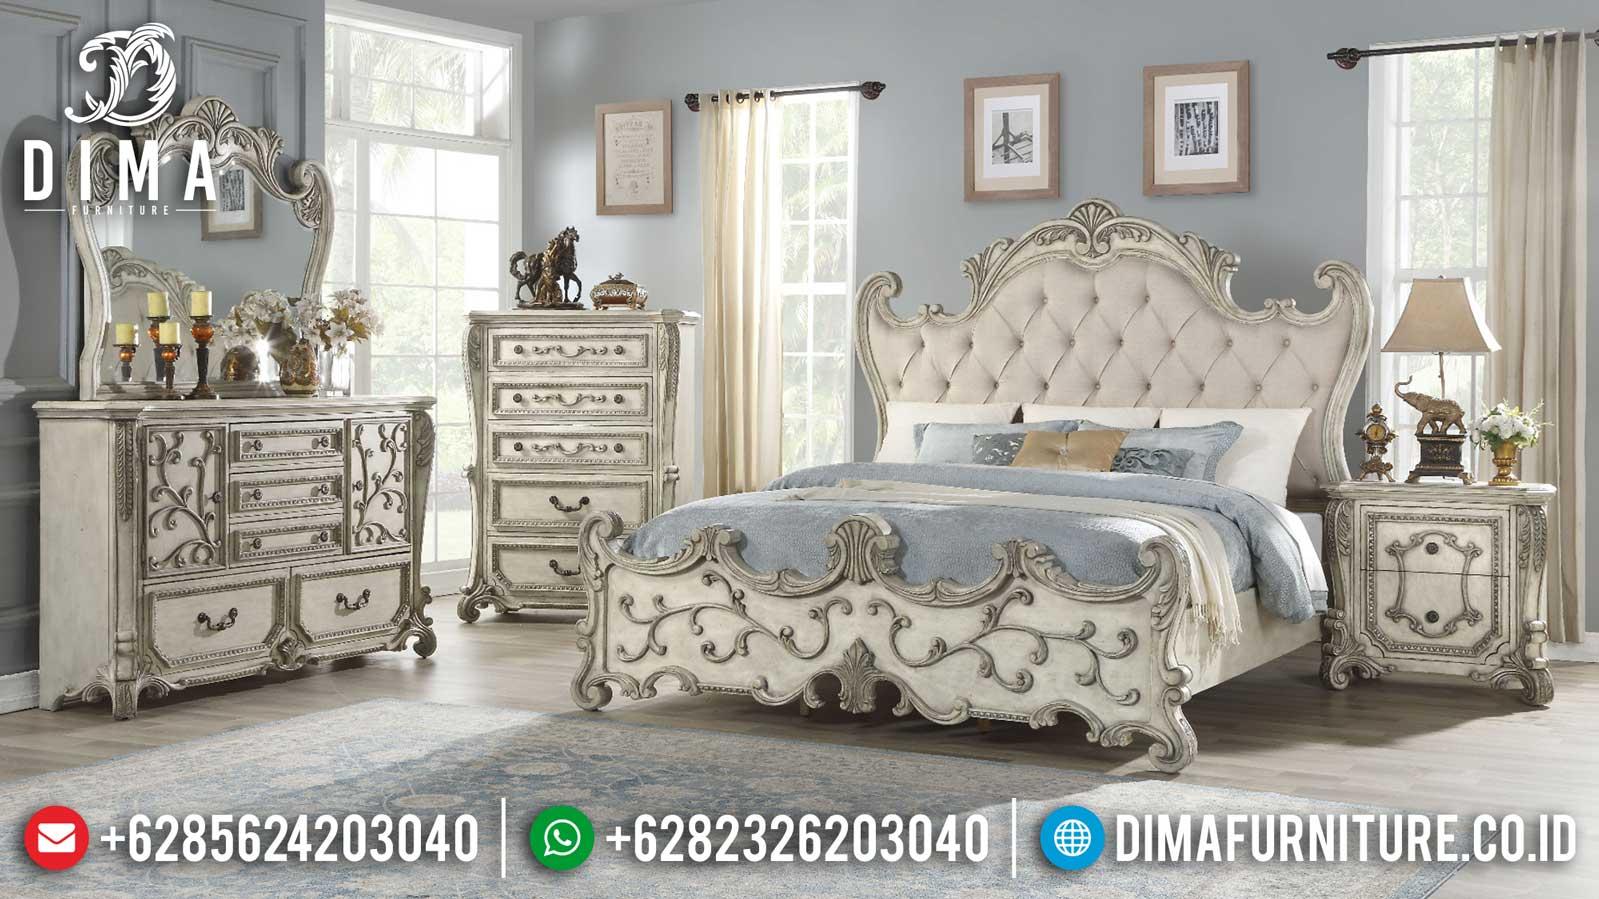 New Kamar Set Mewah Ukiran Klasik Jepara Luxury Royal Furniture TTJ-1133